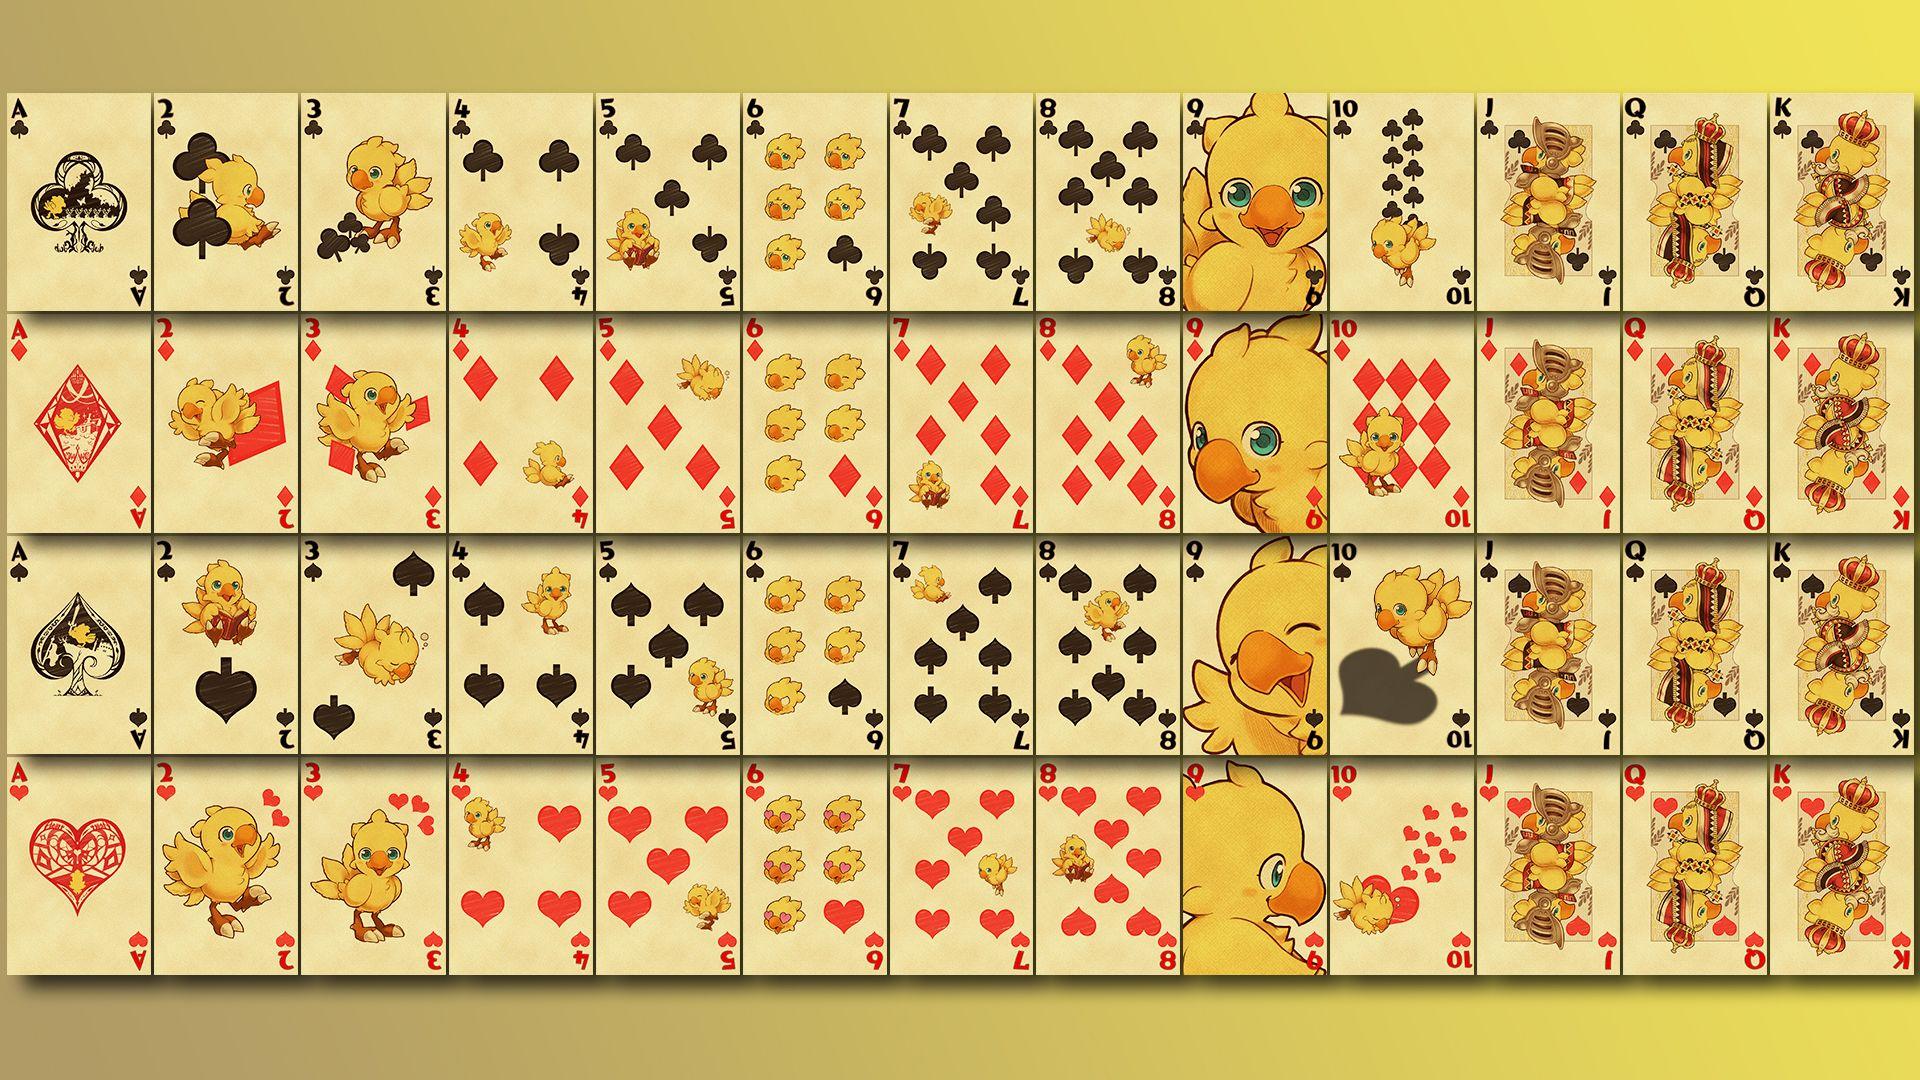 Square Enix Final Fantasy Chocobo Playing Cards Carte Da Gioco